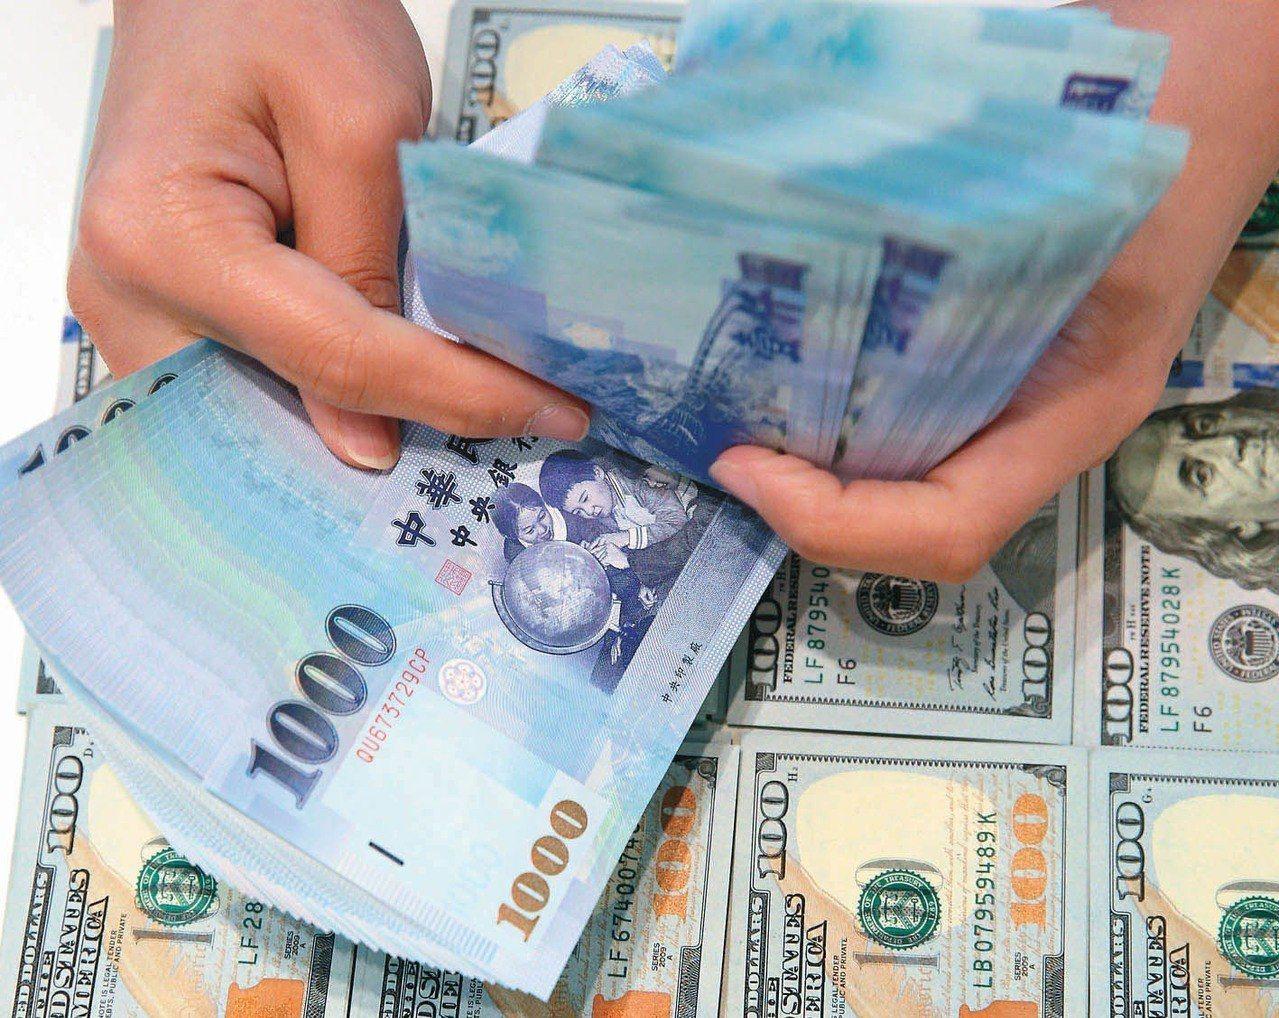 今日元大高股息結算出的最新規模再刷出247億元新高!值得注意是,到目前為止,元大...